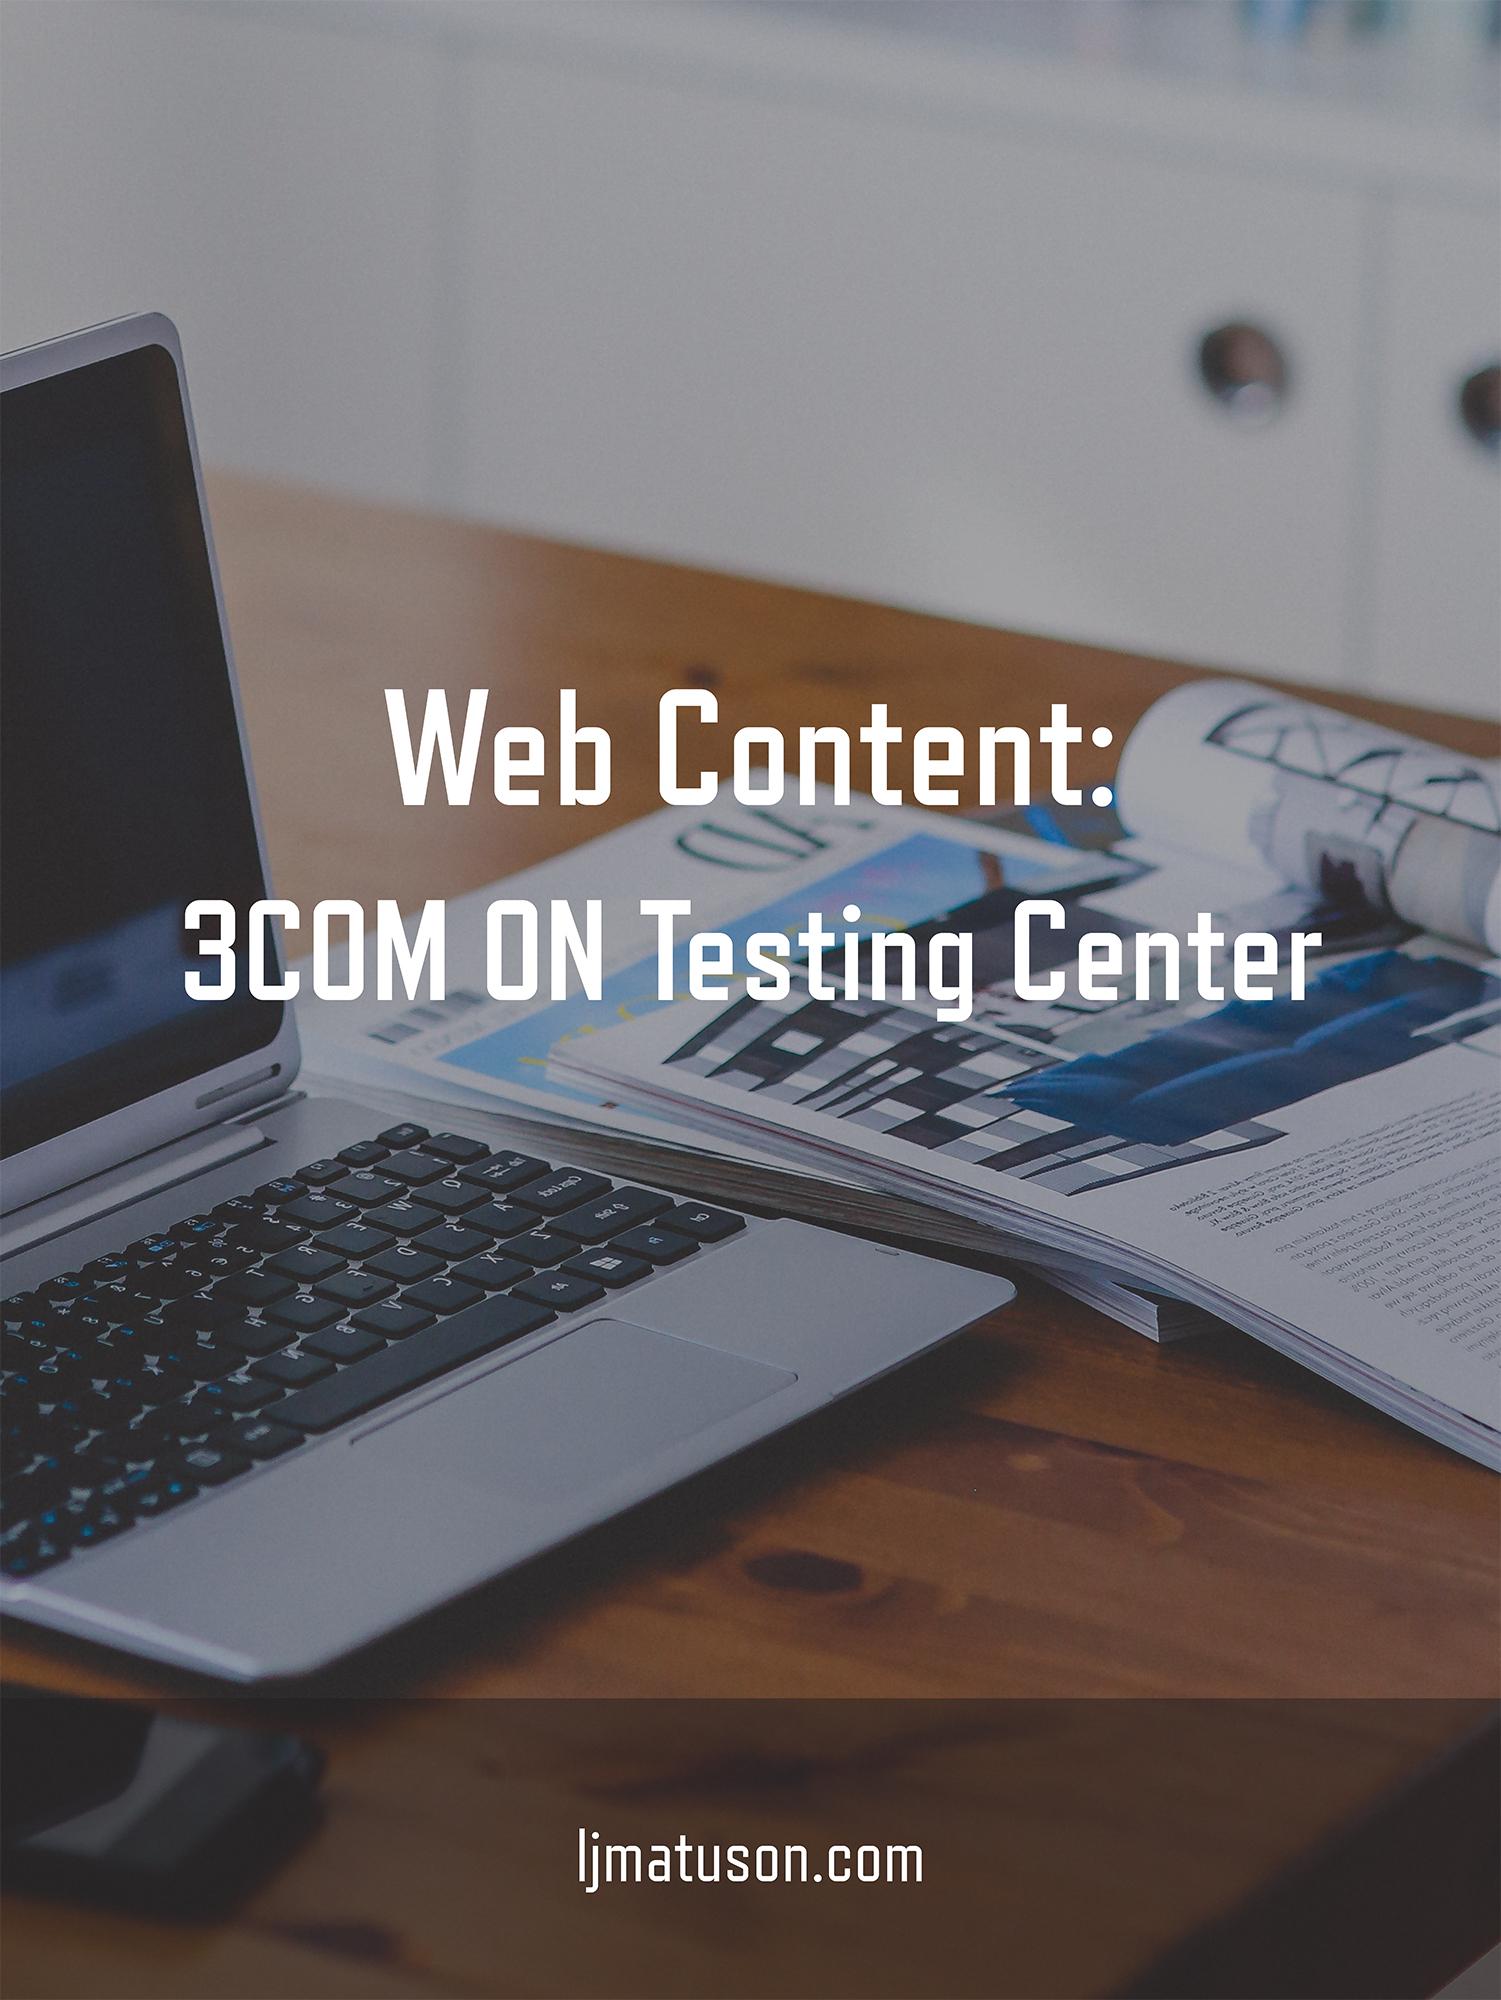 PDF_Preview_3COM-ON-Testing-02.jpg